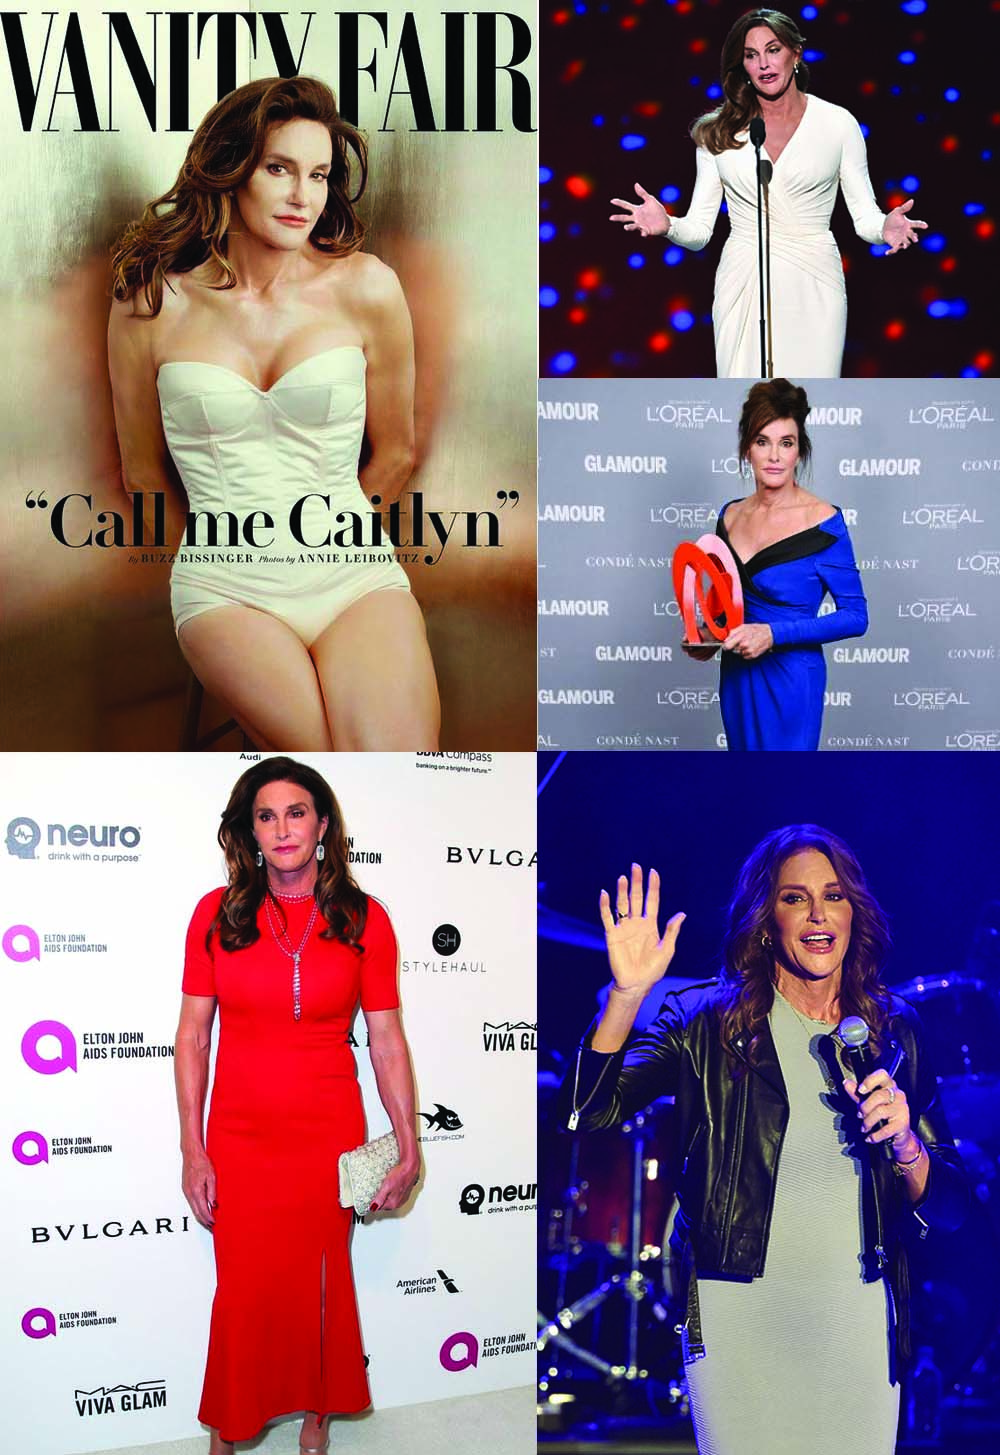 Caitlyn_Jenner.jpg